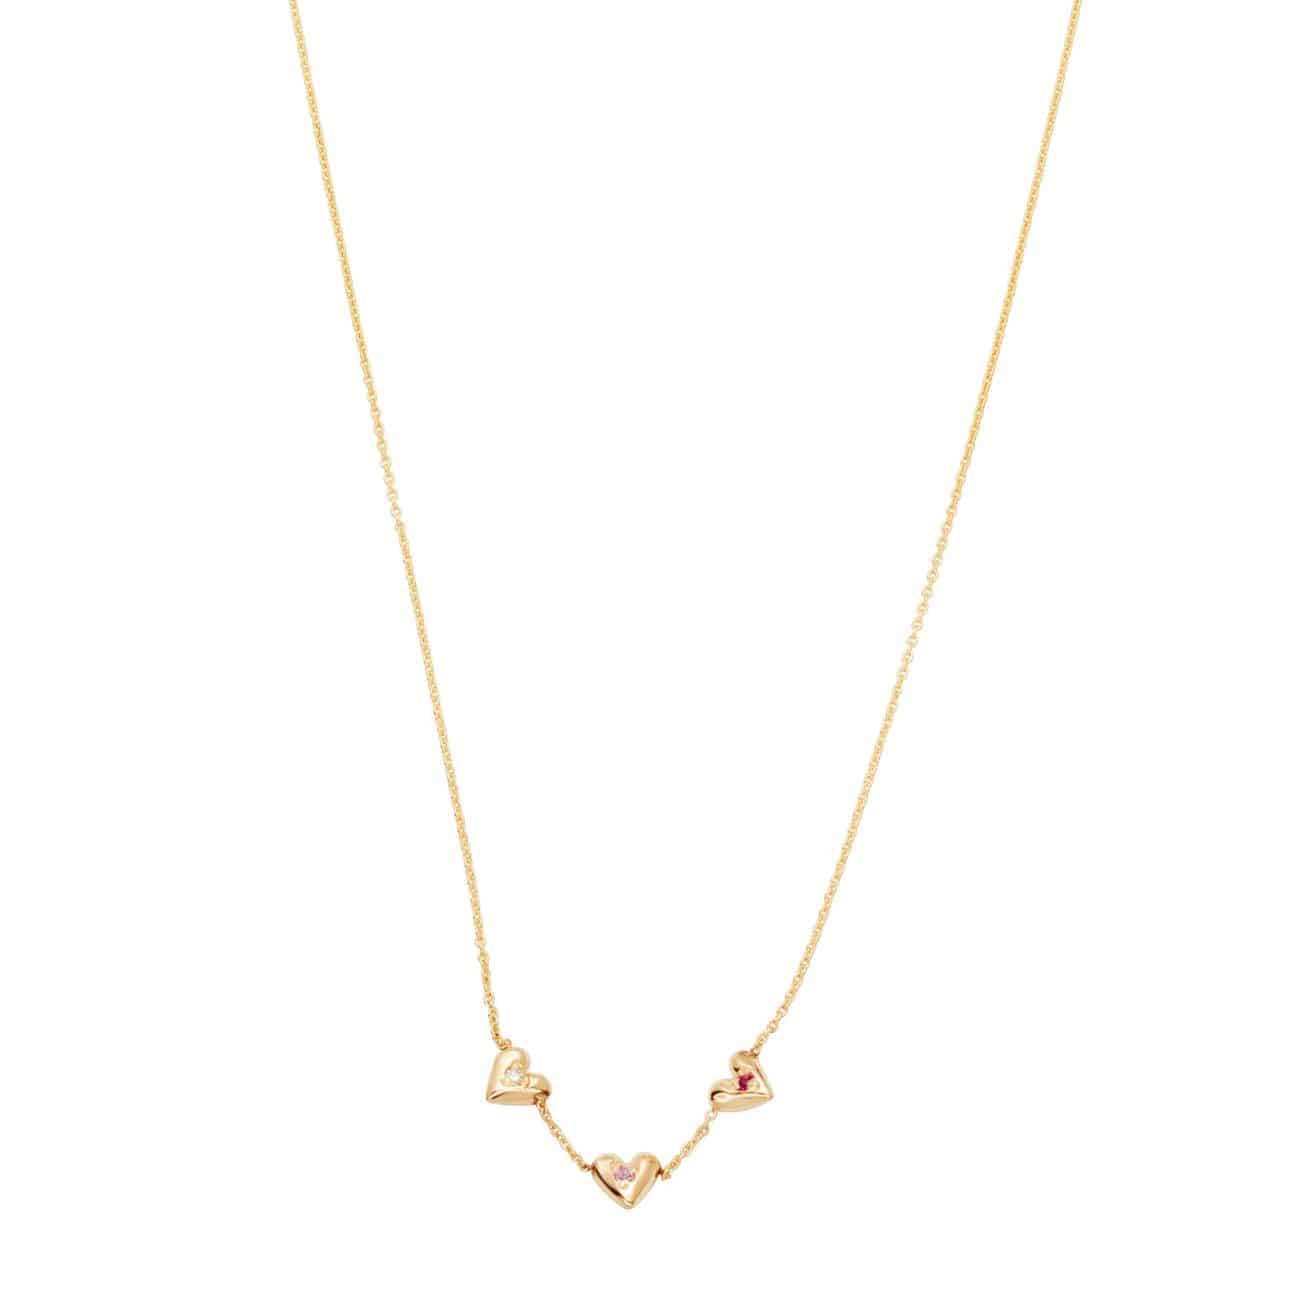 Teeny Tiny Heart Necklace - Yellow Gold